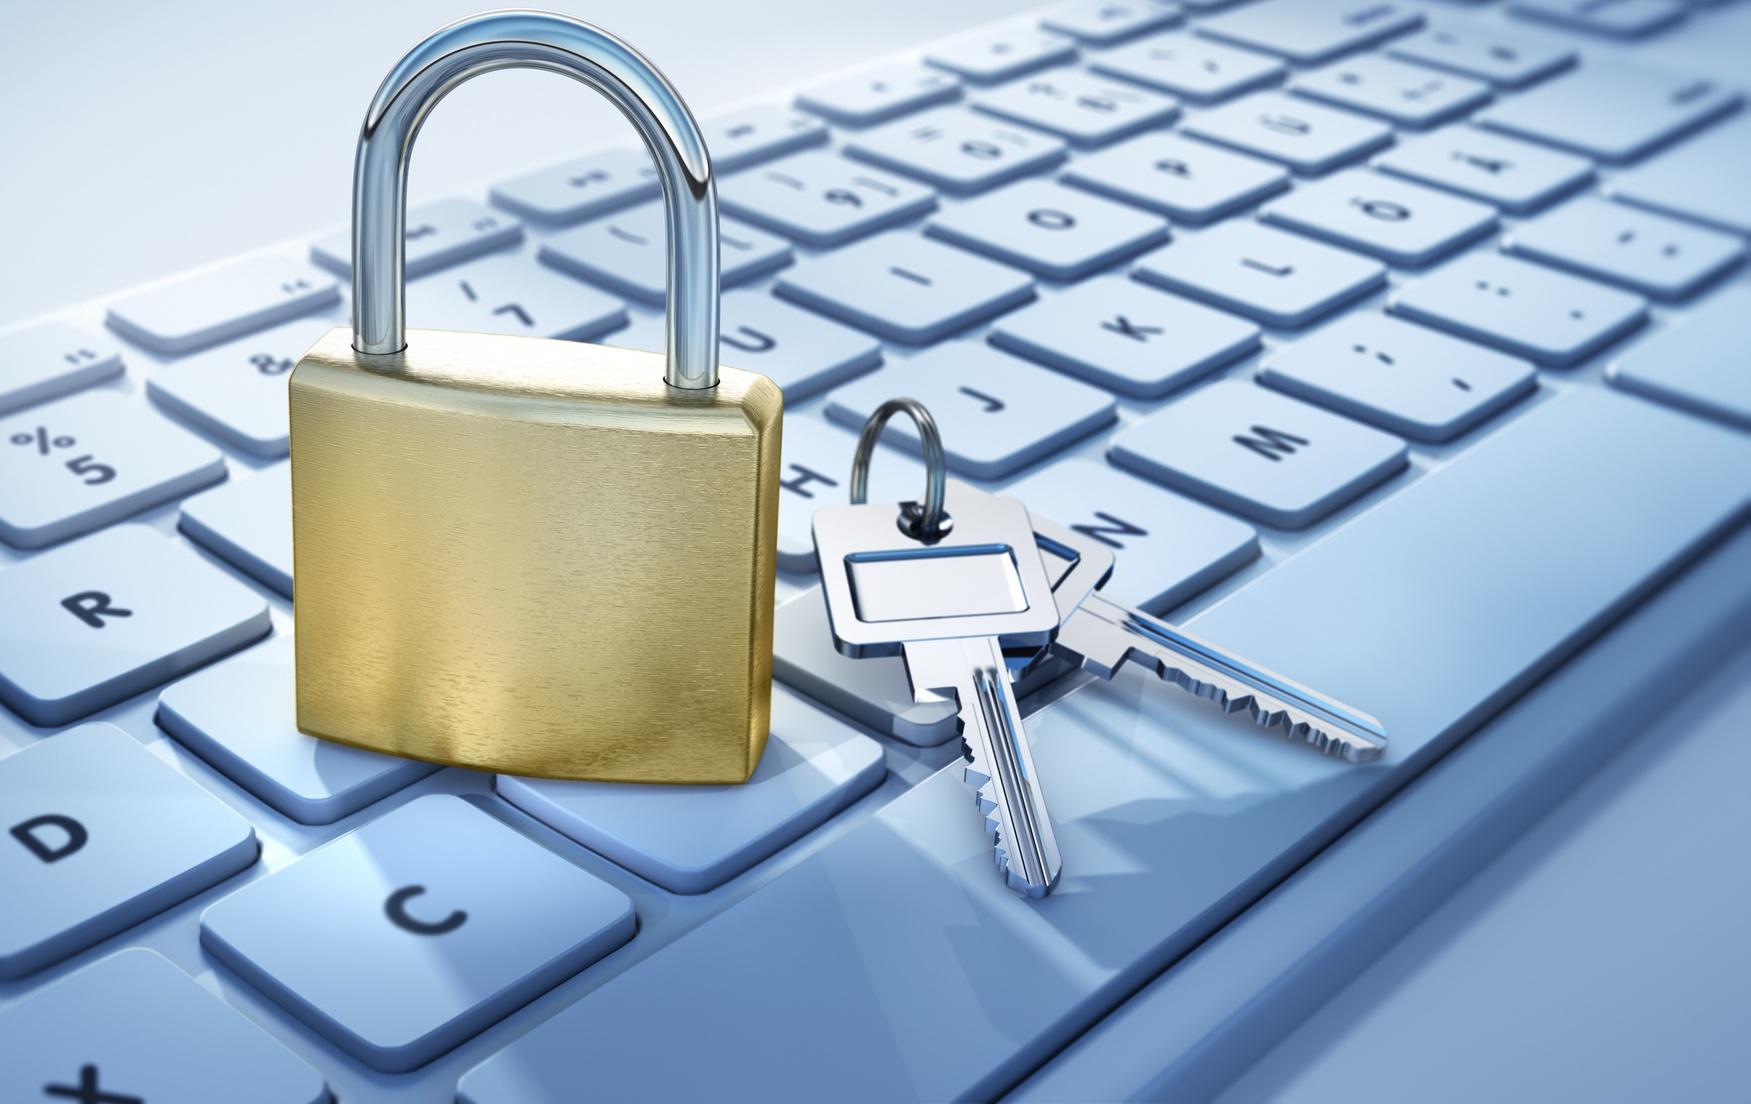 Единые требования к уничтожению персональных данных могут установить в России для операторов связи